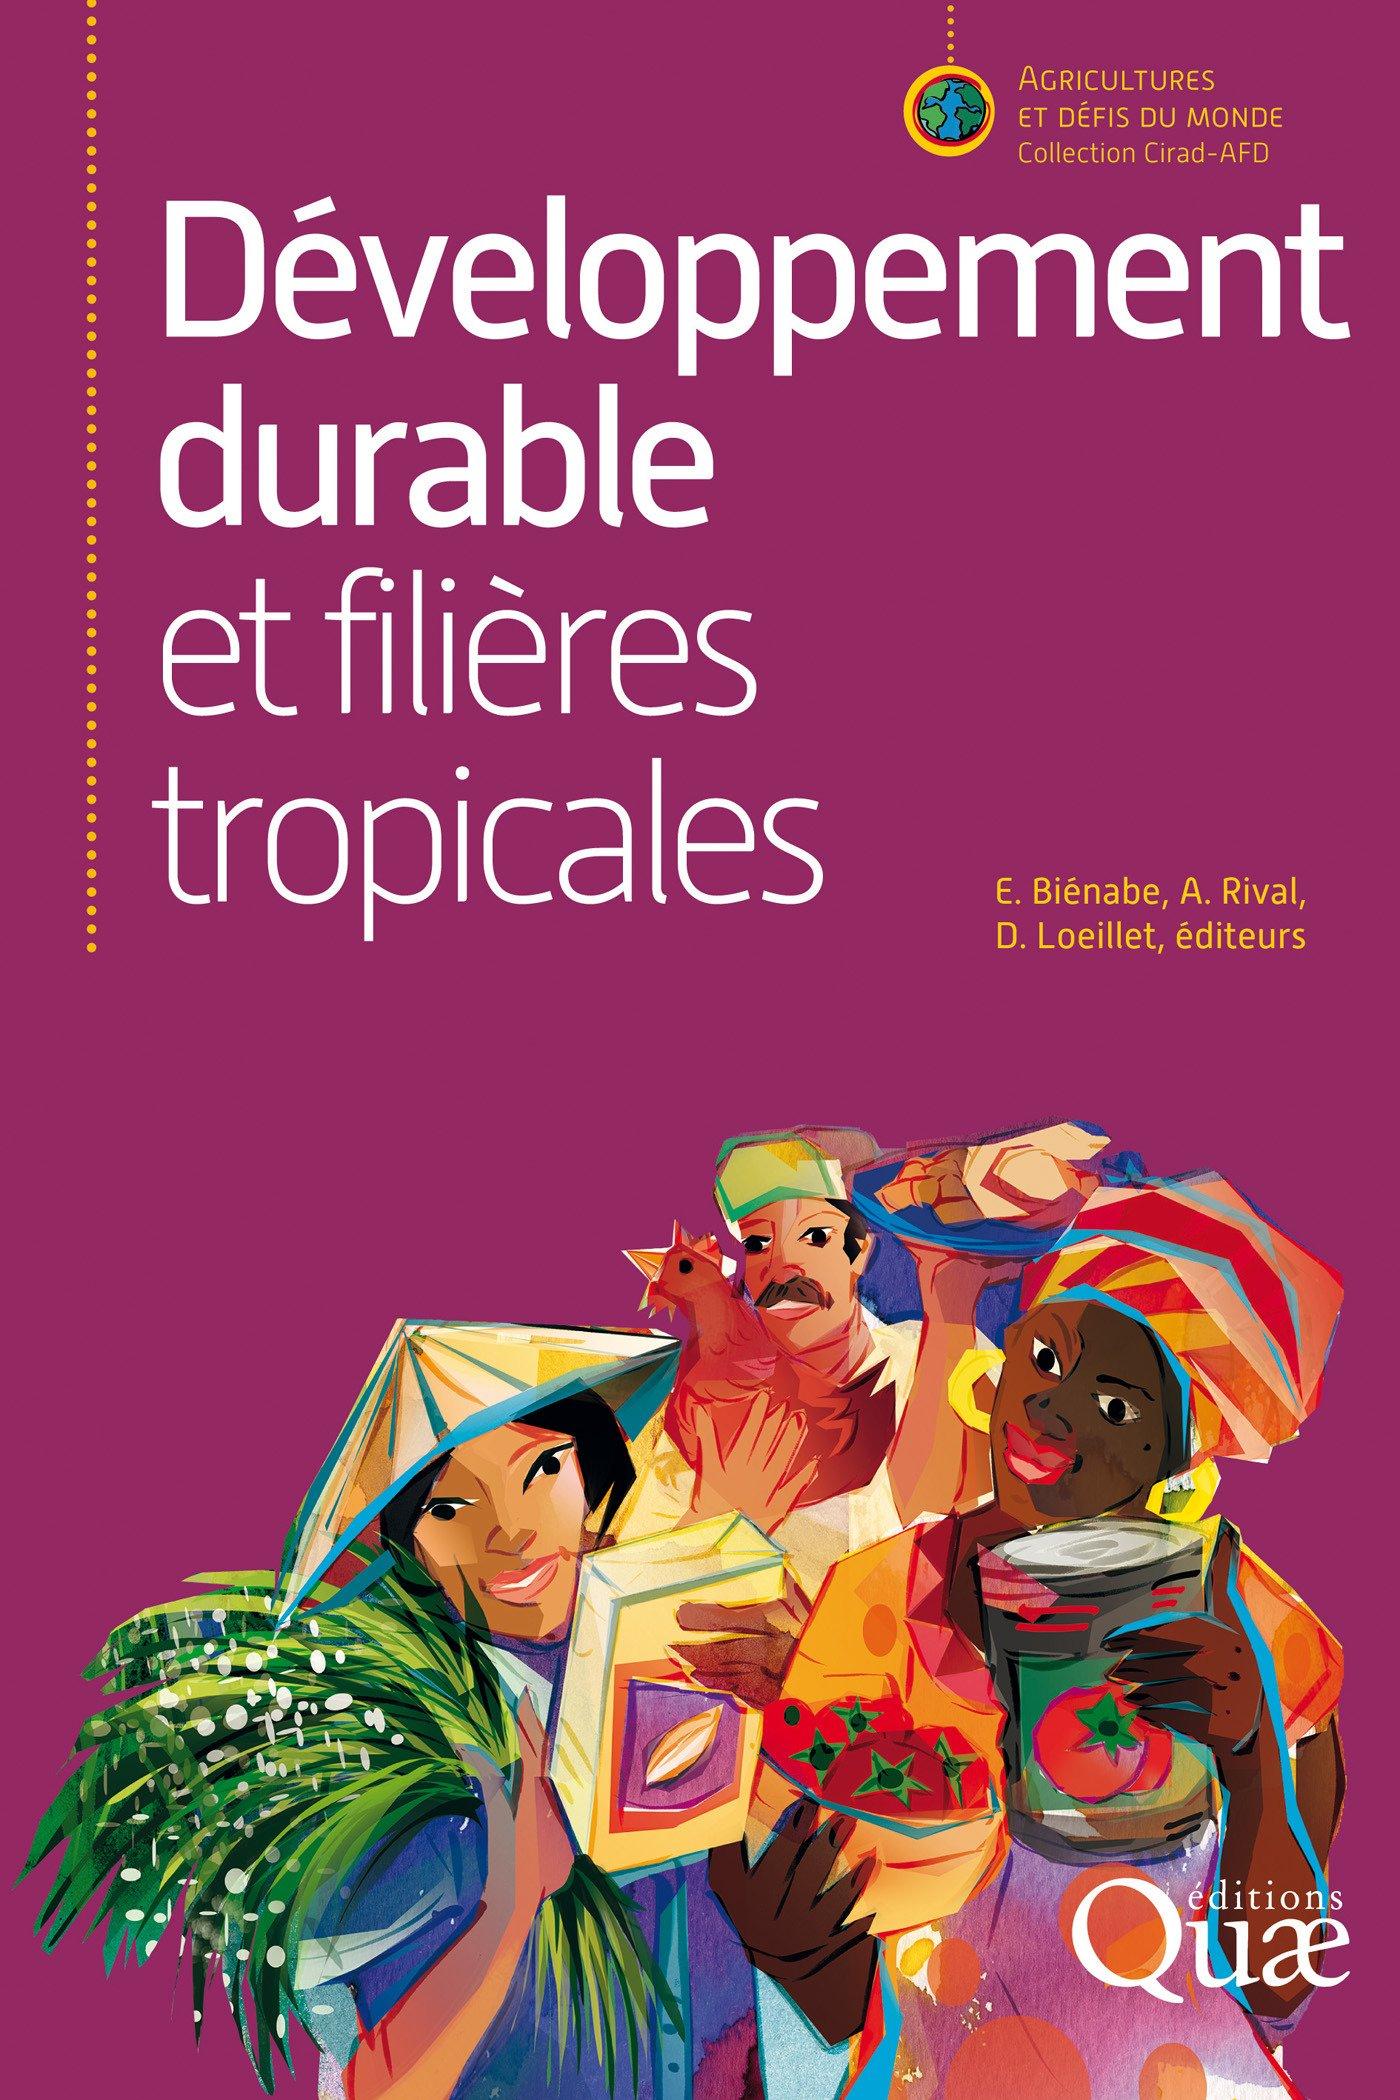 Développement Durable Et Filières Tropicales  Agricultures Et Défis Du Monde   French Edition